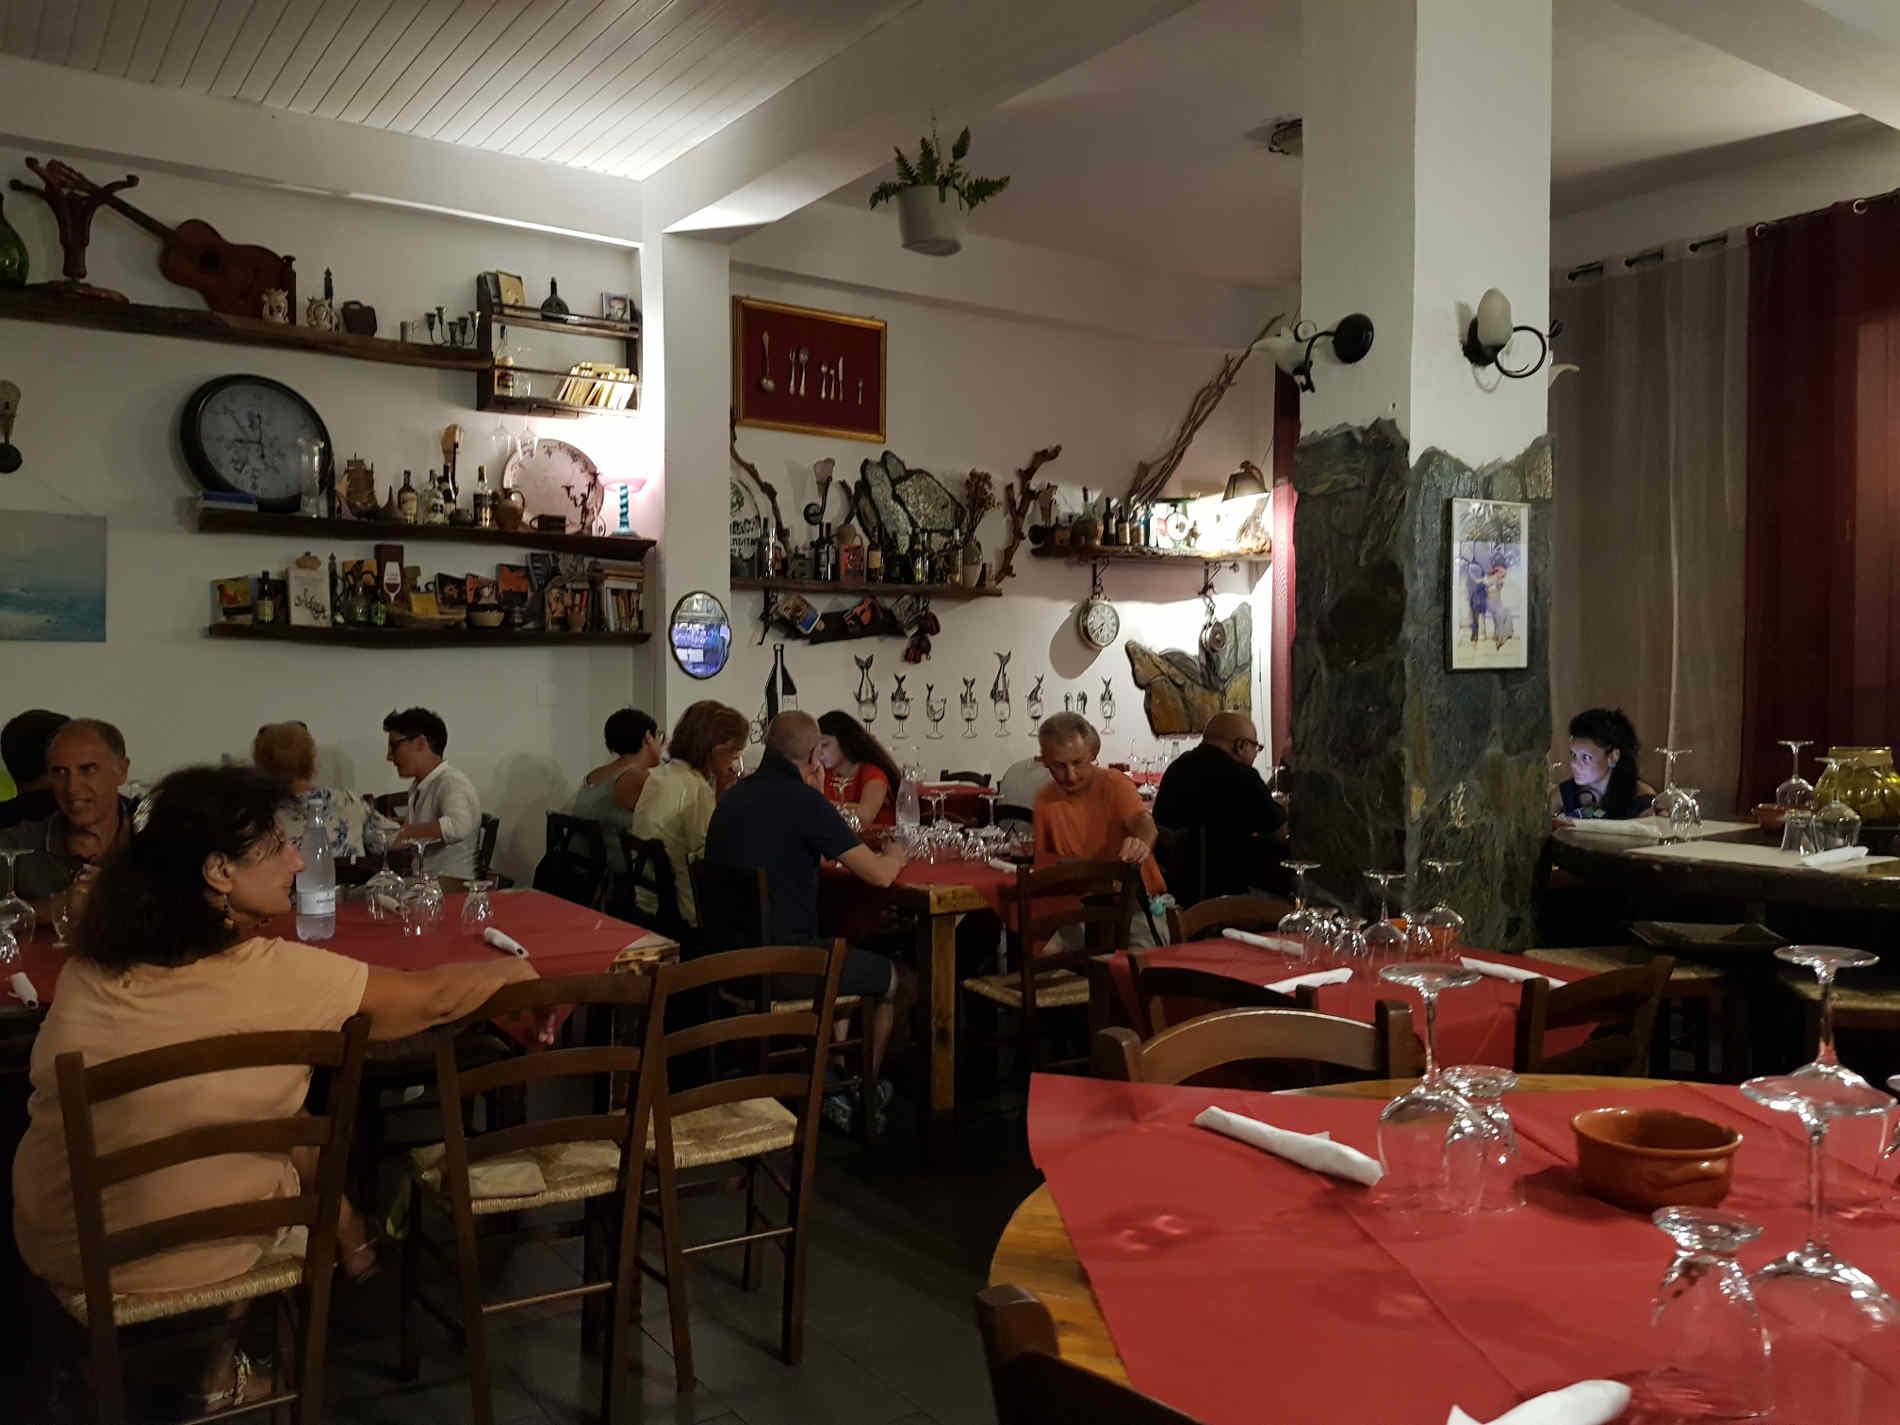 Vineria Artigianale - Ristorante Oino's di Palizzi Marina spunti di Viaggio